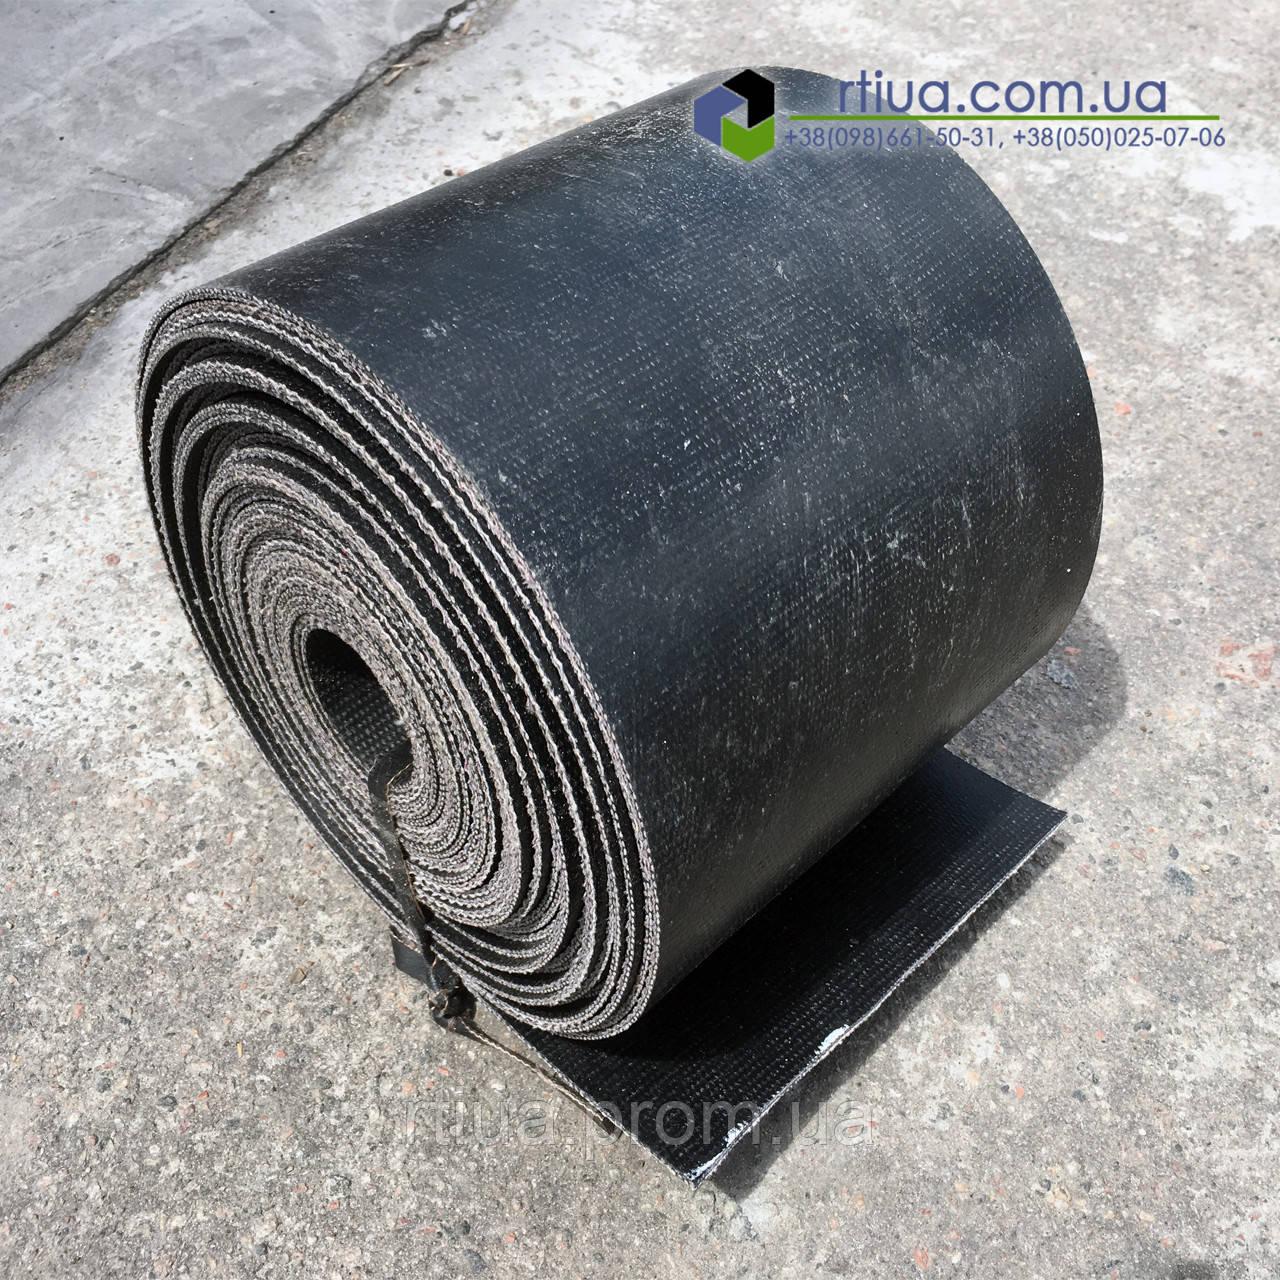 Транспортерная лента БКНЛ, 600х3 мм